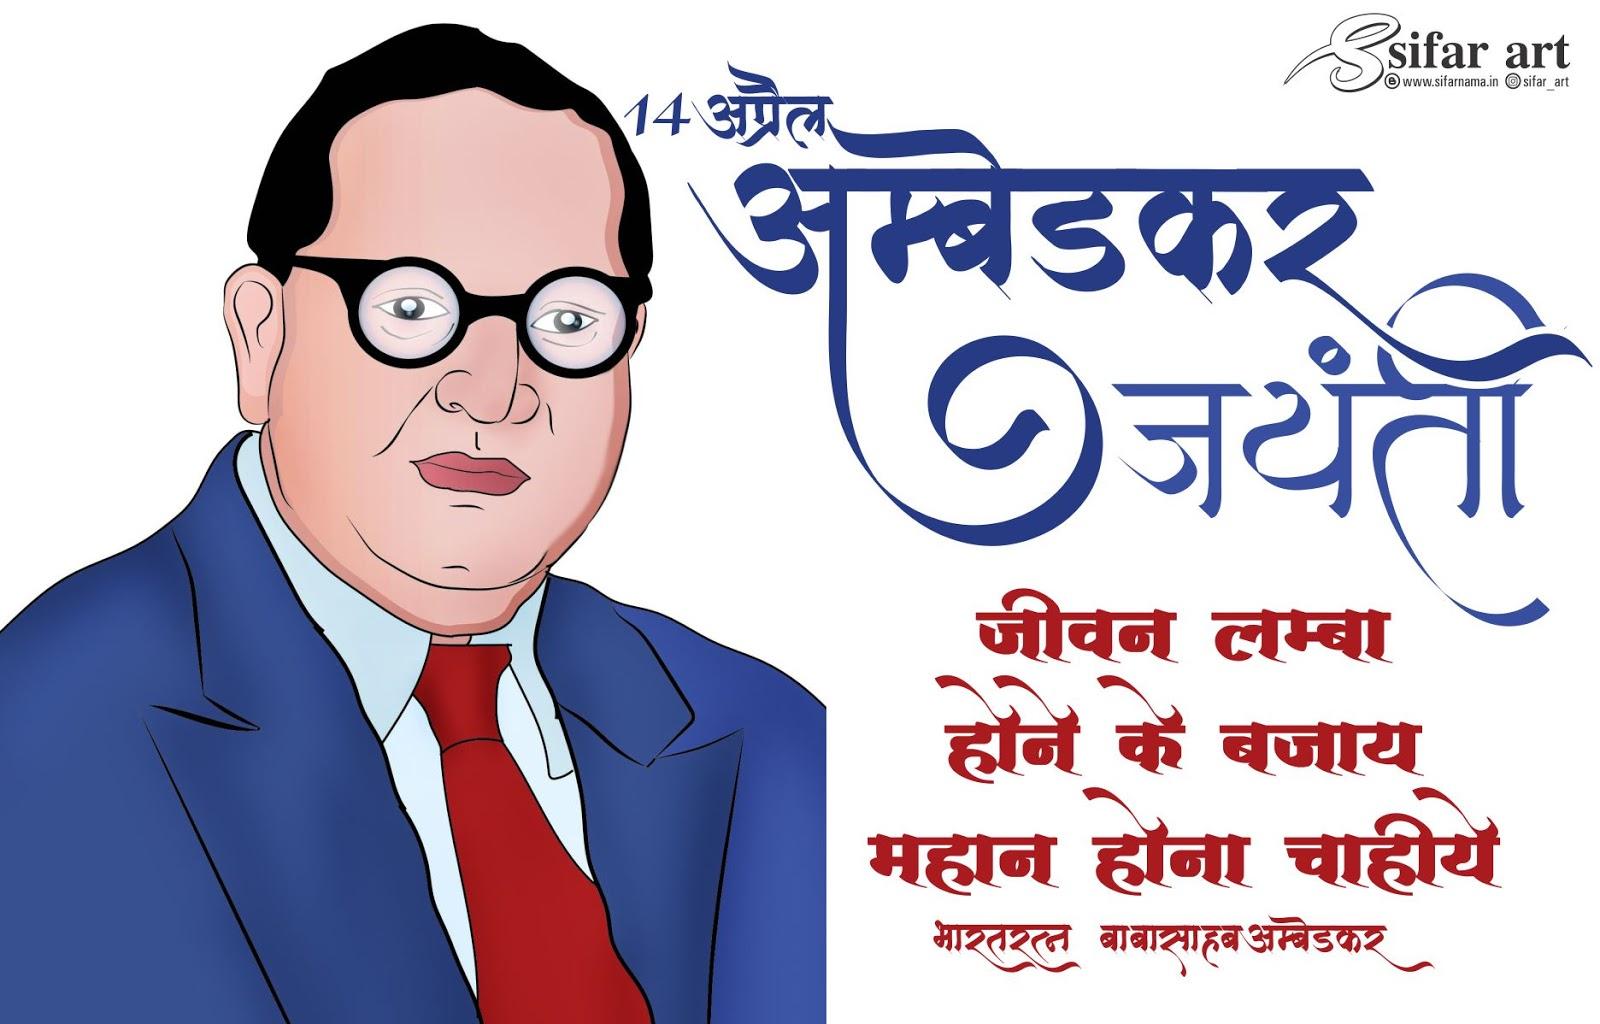 बाबा साहब डॉ. भीमराव अम्बेडकर , Ambedkar